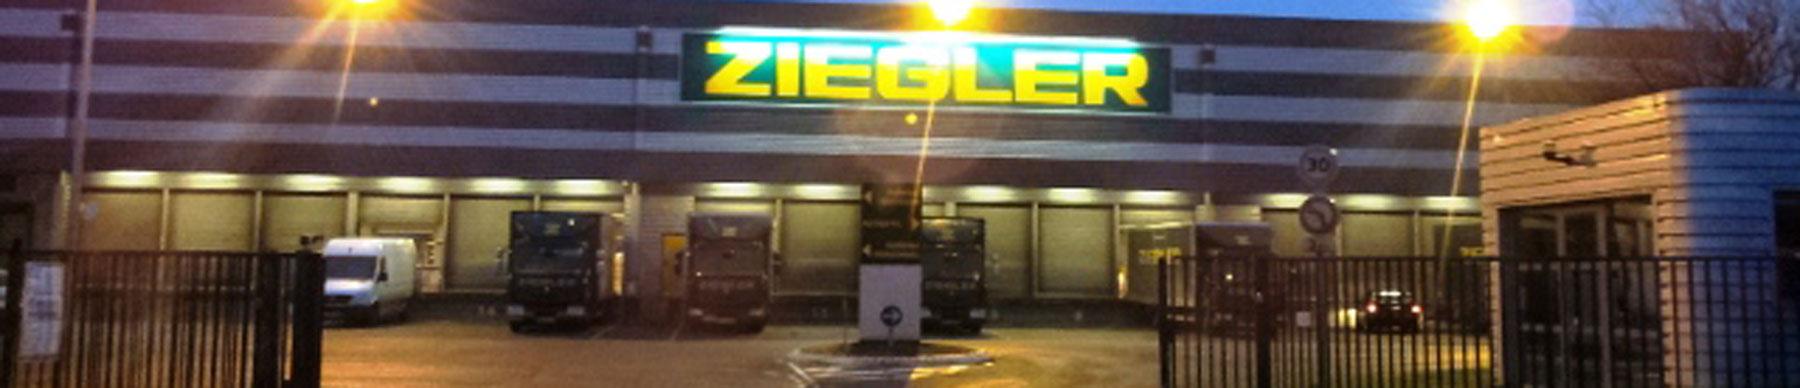 ZIEGLER – TRANSPORT ET LOGISTIQUE en Ille-et-Vilaine